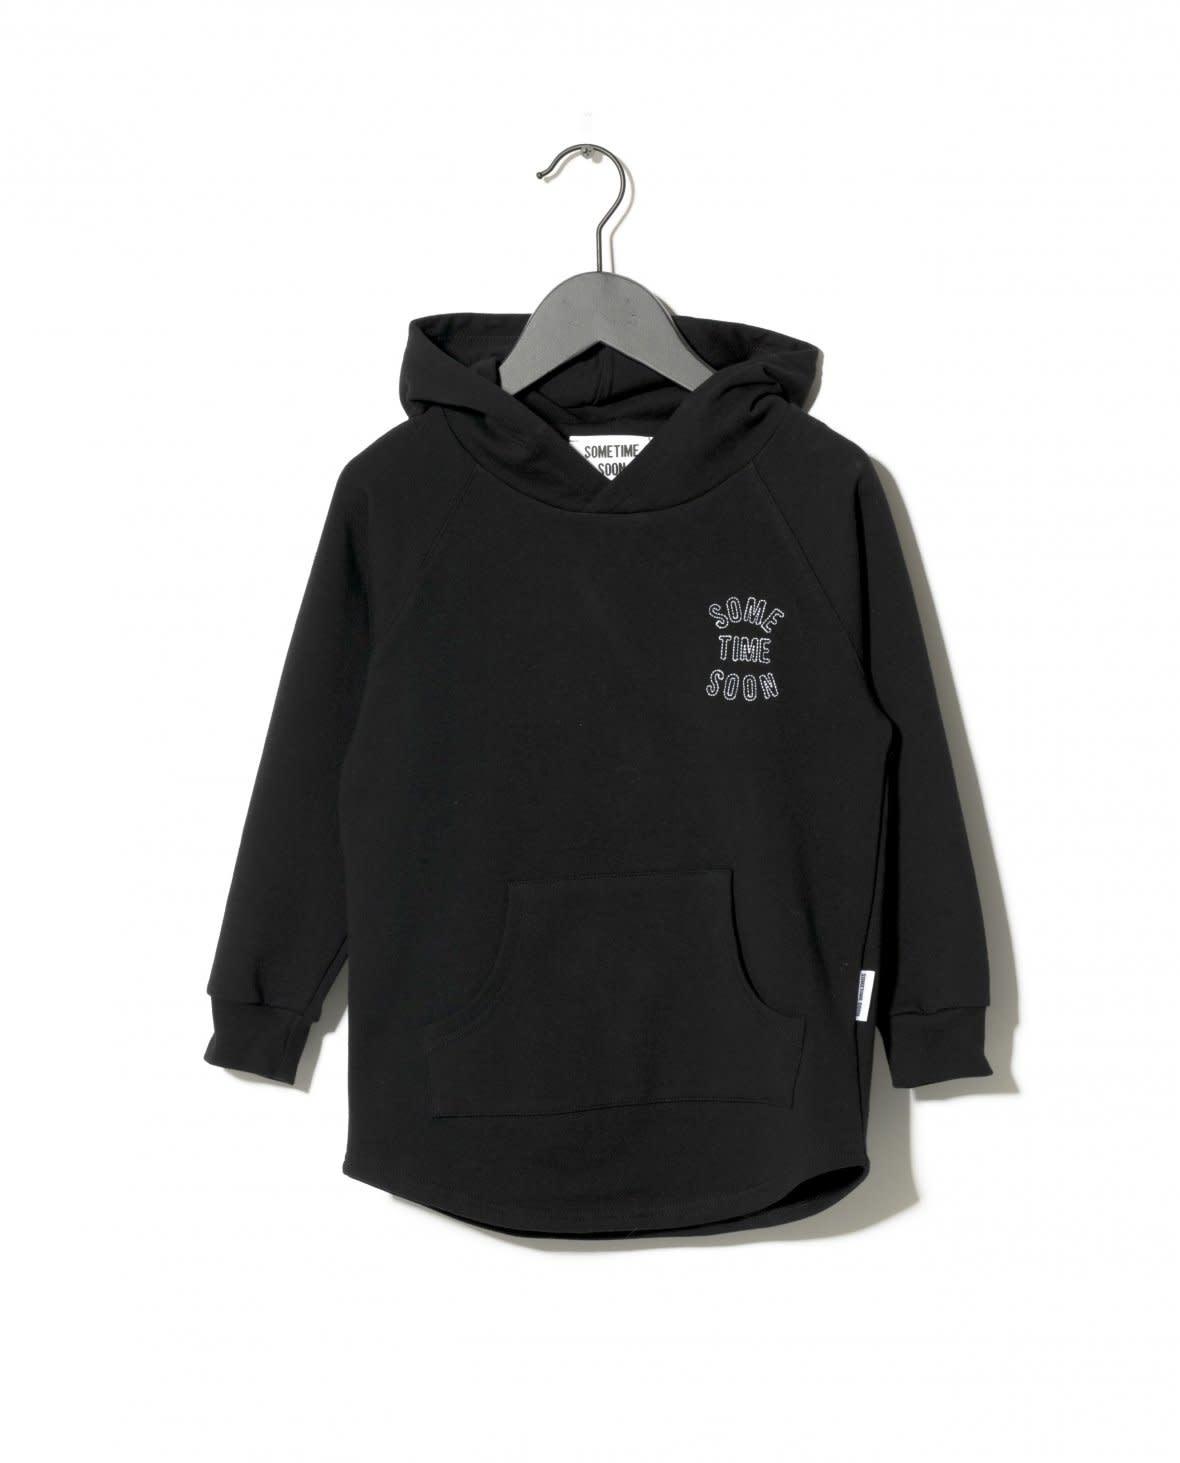 SOMETIME SOON Monterey Hoodie - Black